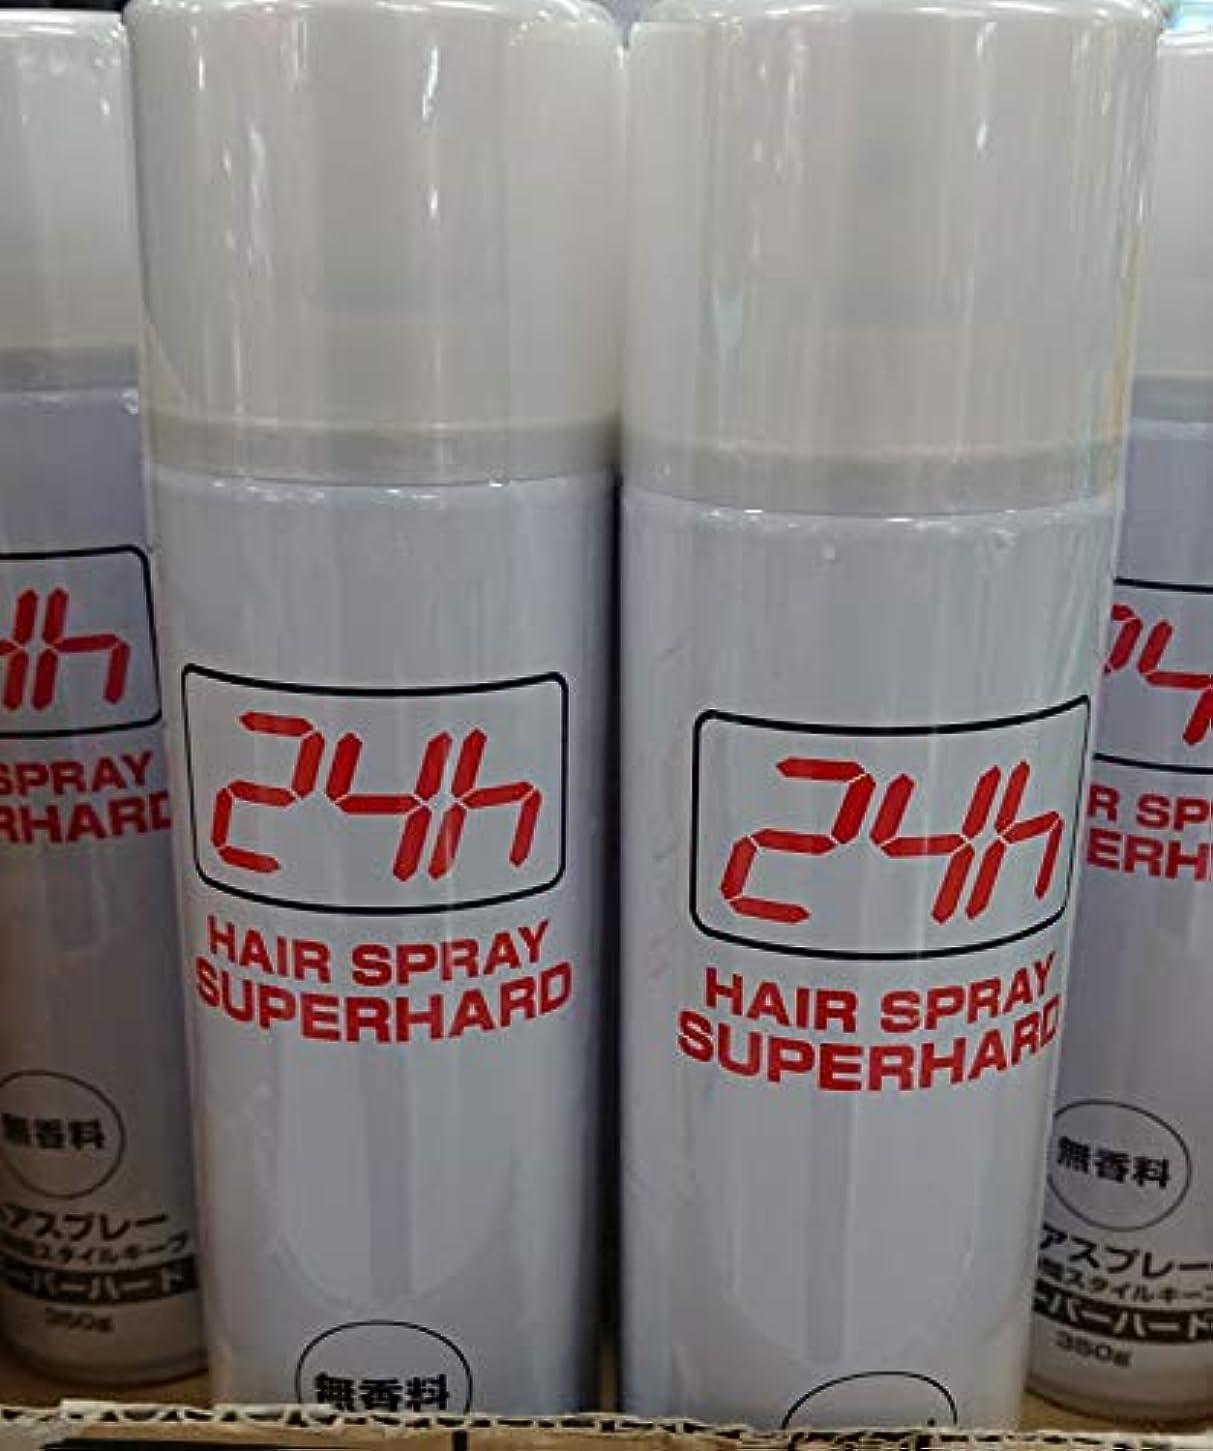 硫黄ペチュランスとまり木KEEP24 ヘアスプレー スーパーハード 無香料 大容量350g 1本